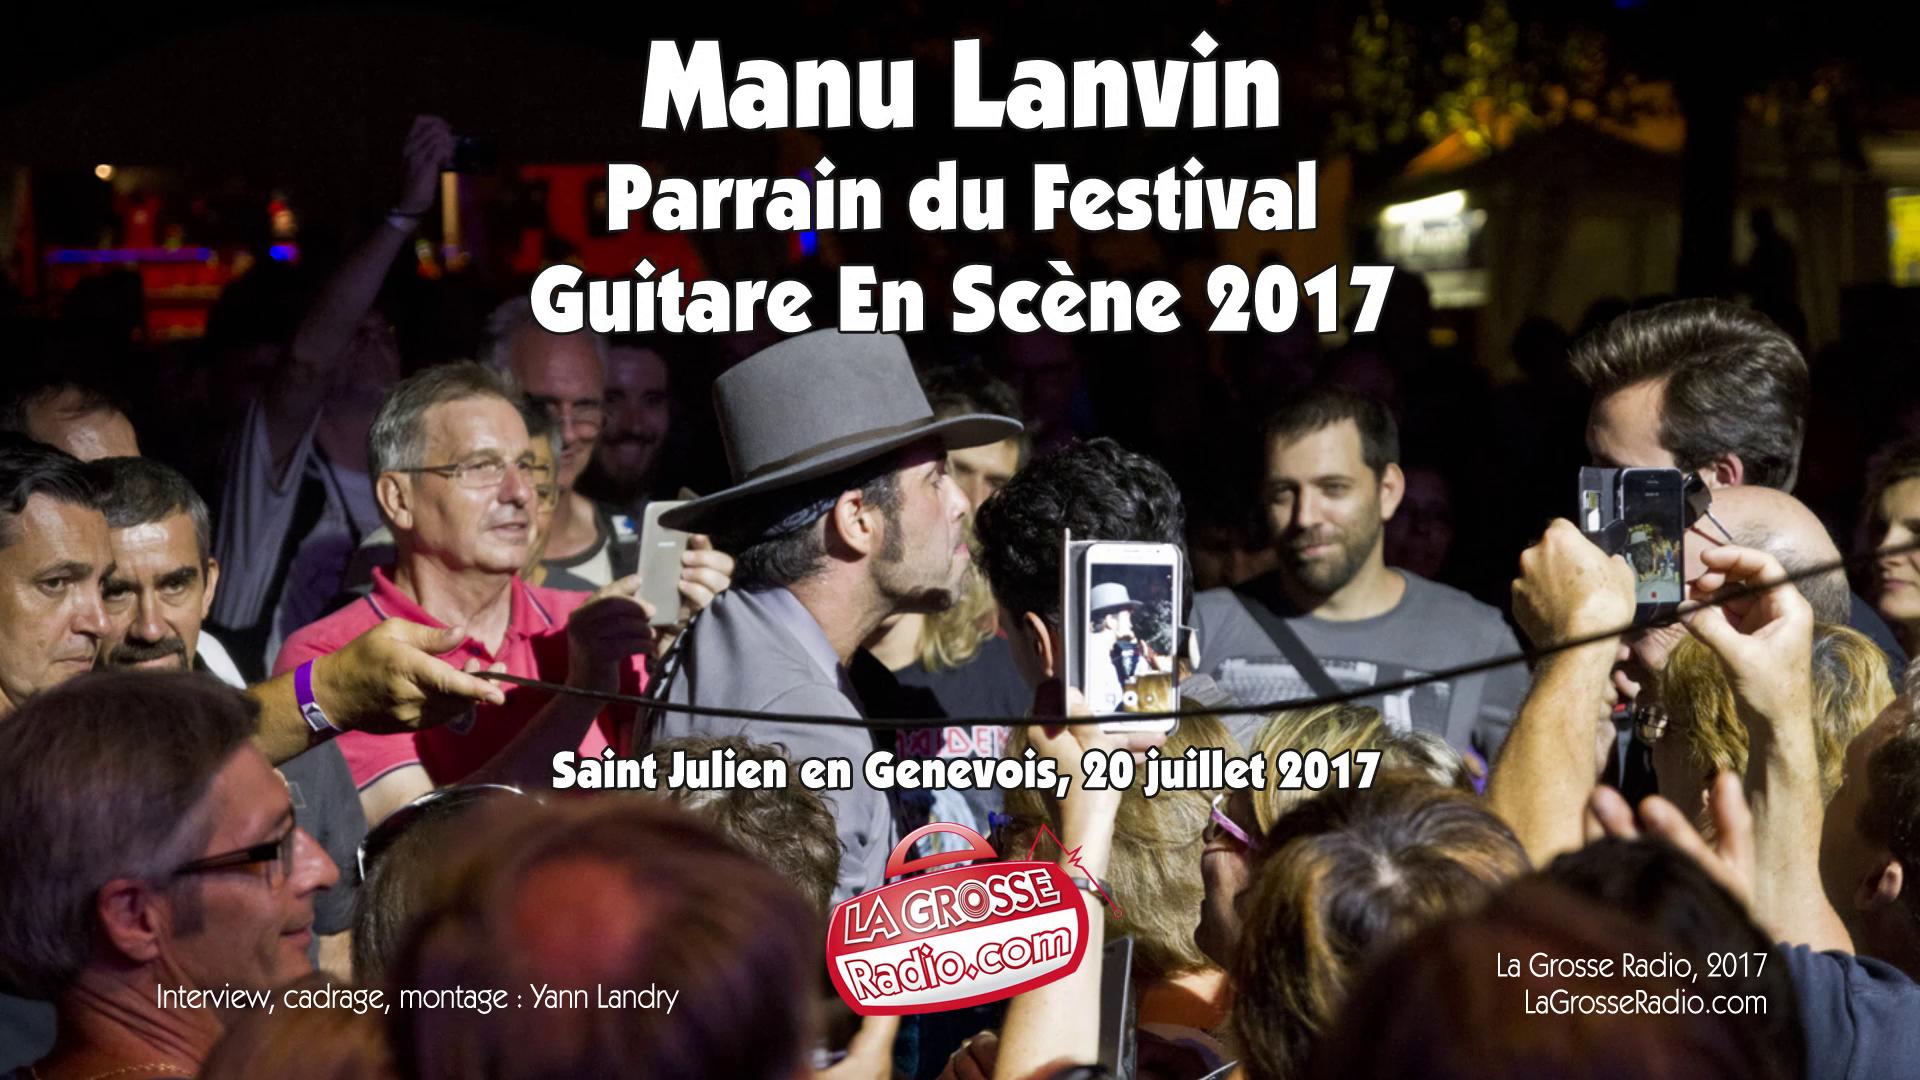 Manu Lanvin, Devil Blues, interview, guitare en scène, festival